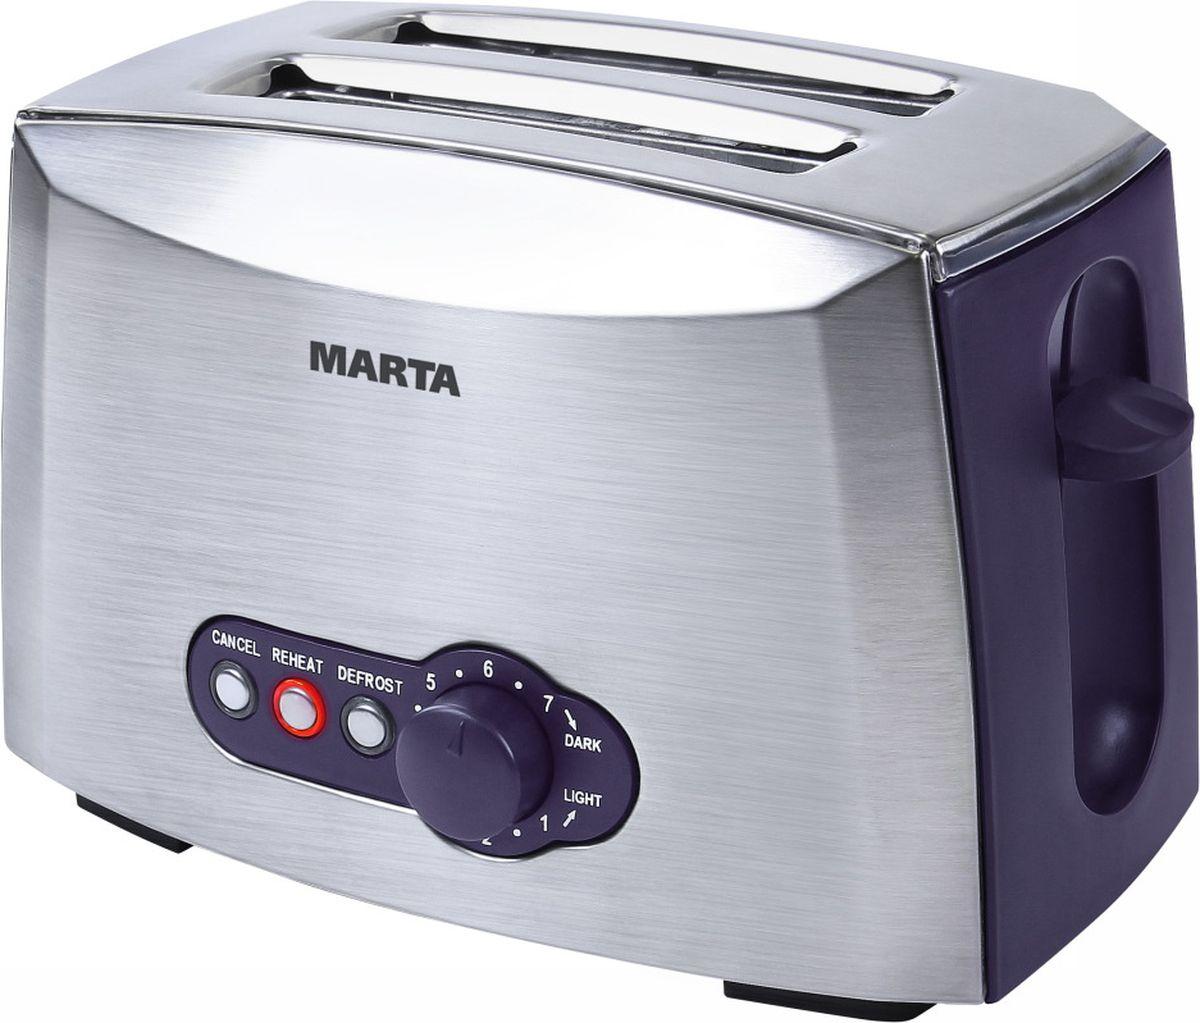 Marta MT-1705, Dark Topaz тостерMT-1705 топаз900W корпус сталь, 7 режимов обжаривания, 2 отделения для тостов, функции отмены, разморозки, подогрева со световыми индикаторами, Удобство хранения шнура, Лоток для крошек